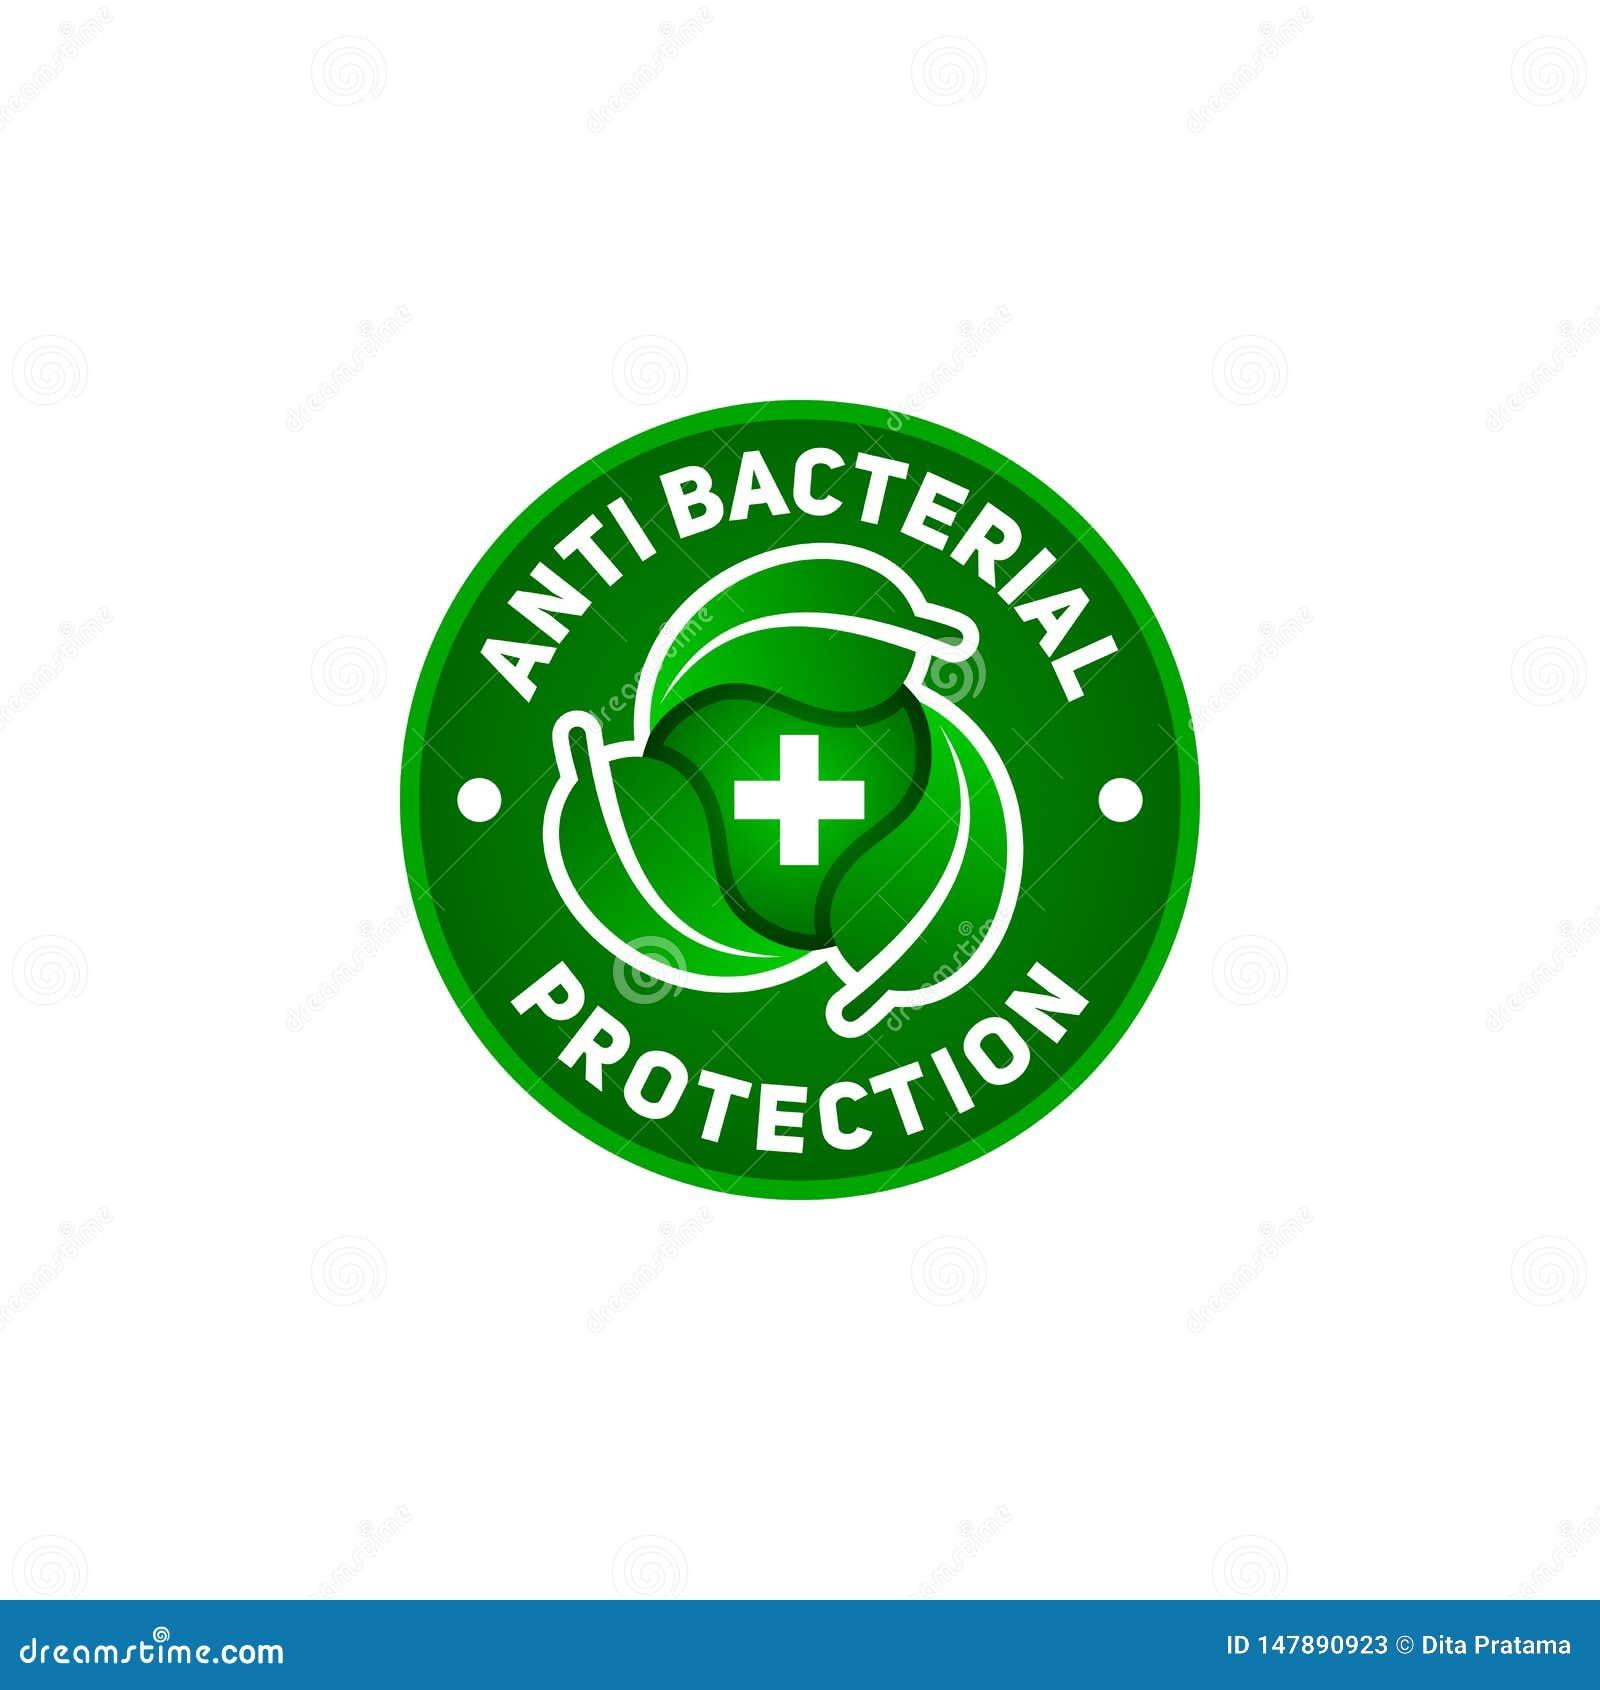 反细菌保护标志,您的保健品的